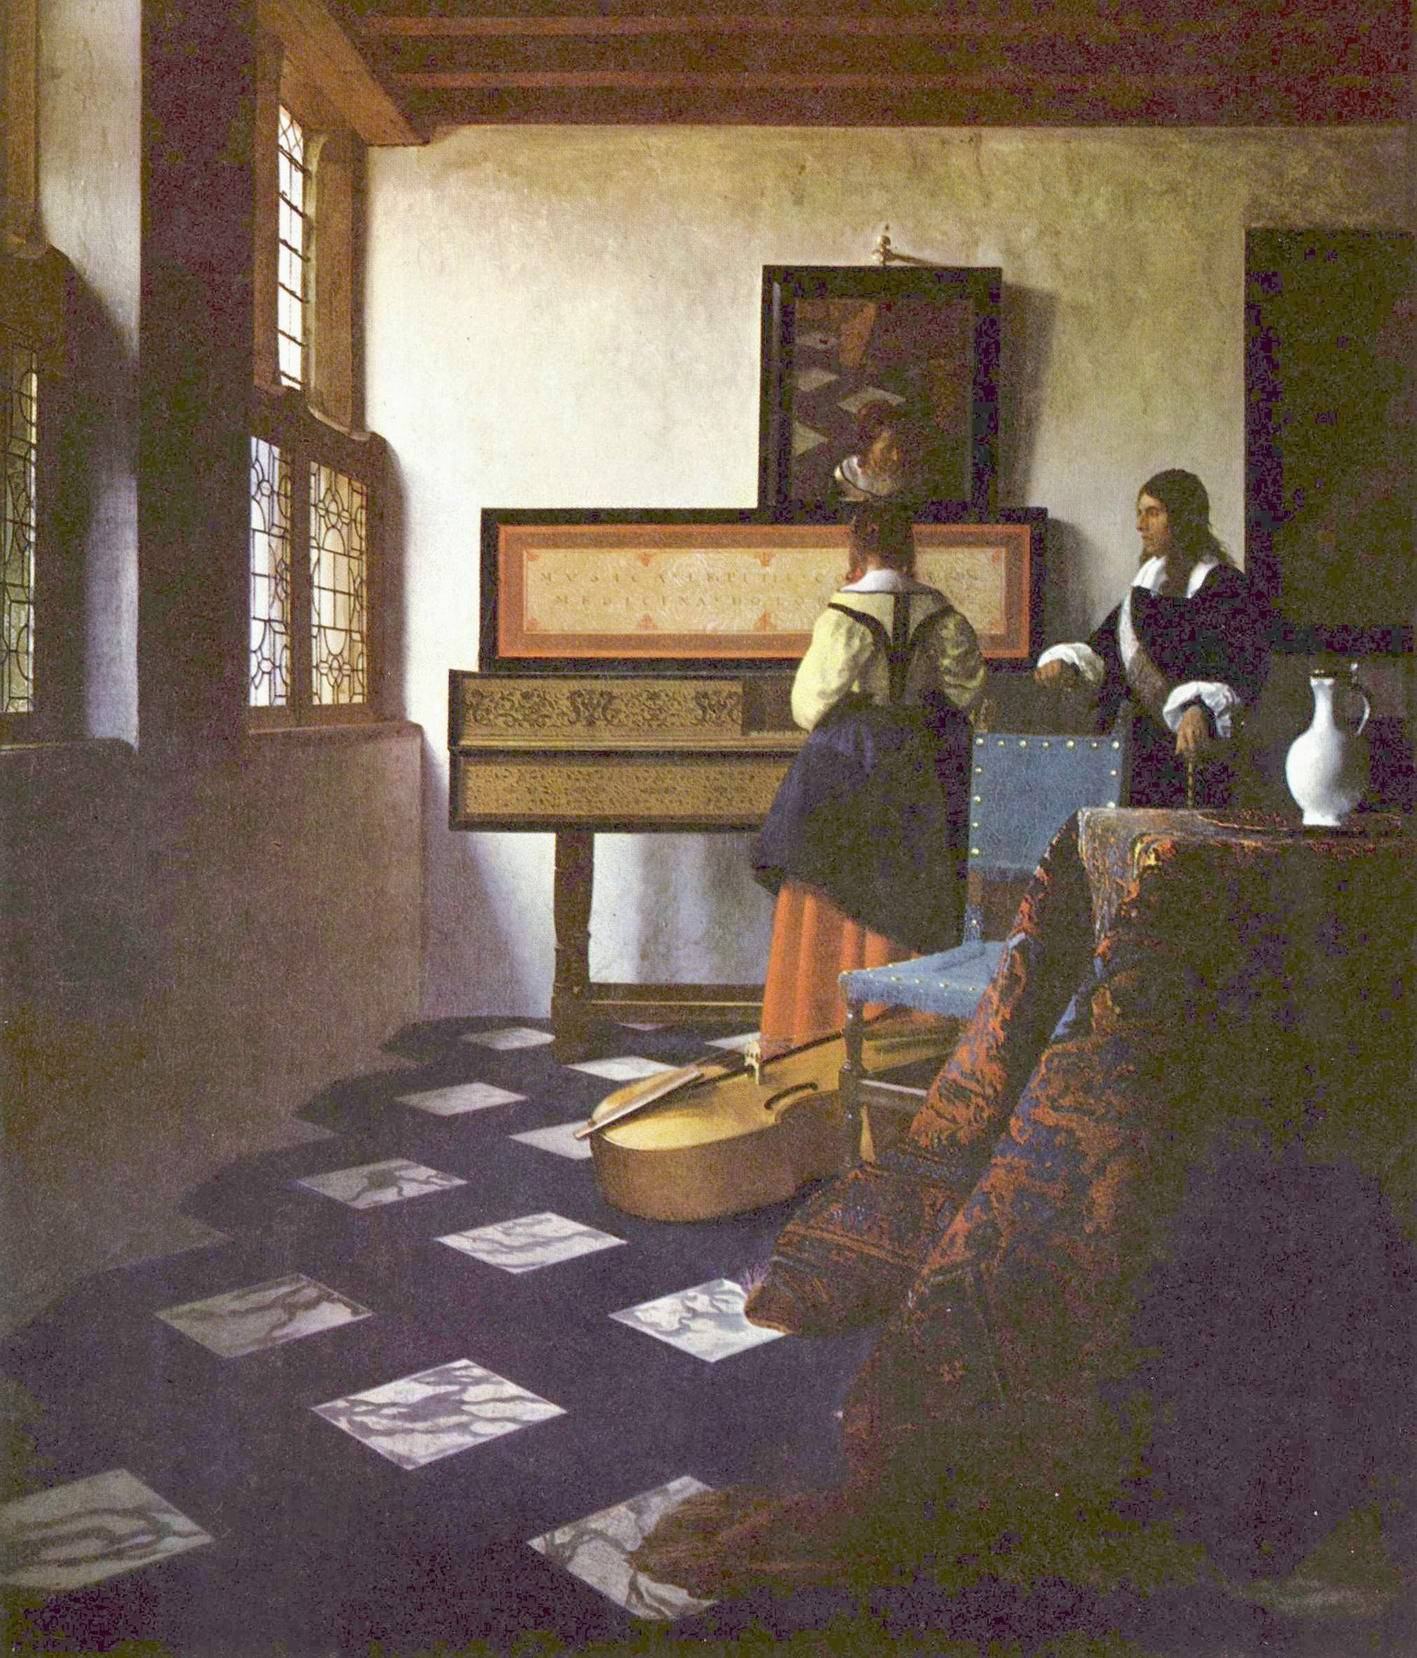 Урок музыки, или Кавалер и дама у спинета, Ян Вермеер Делфтский